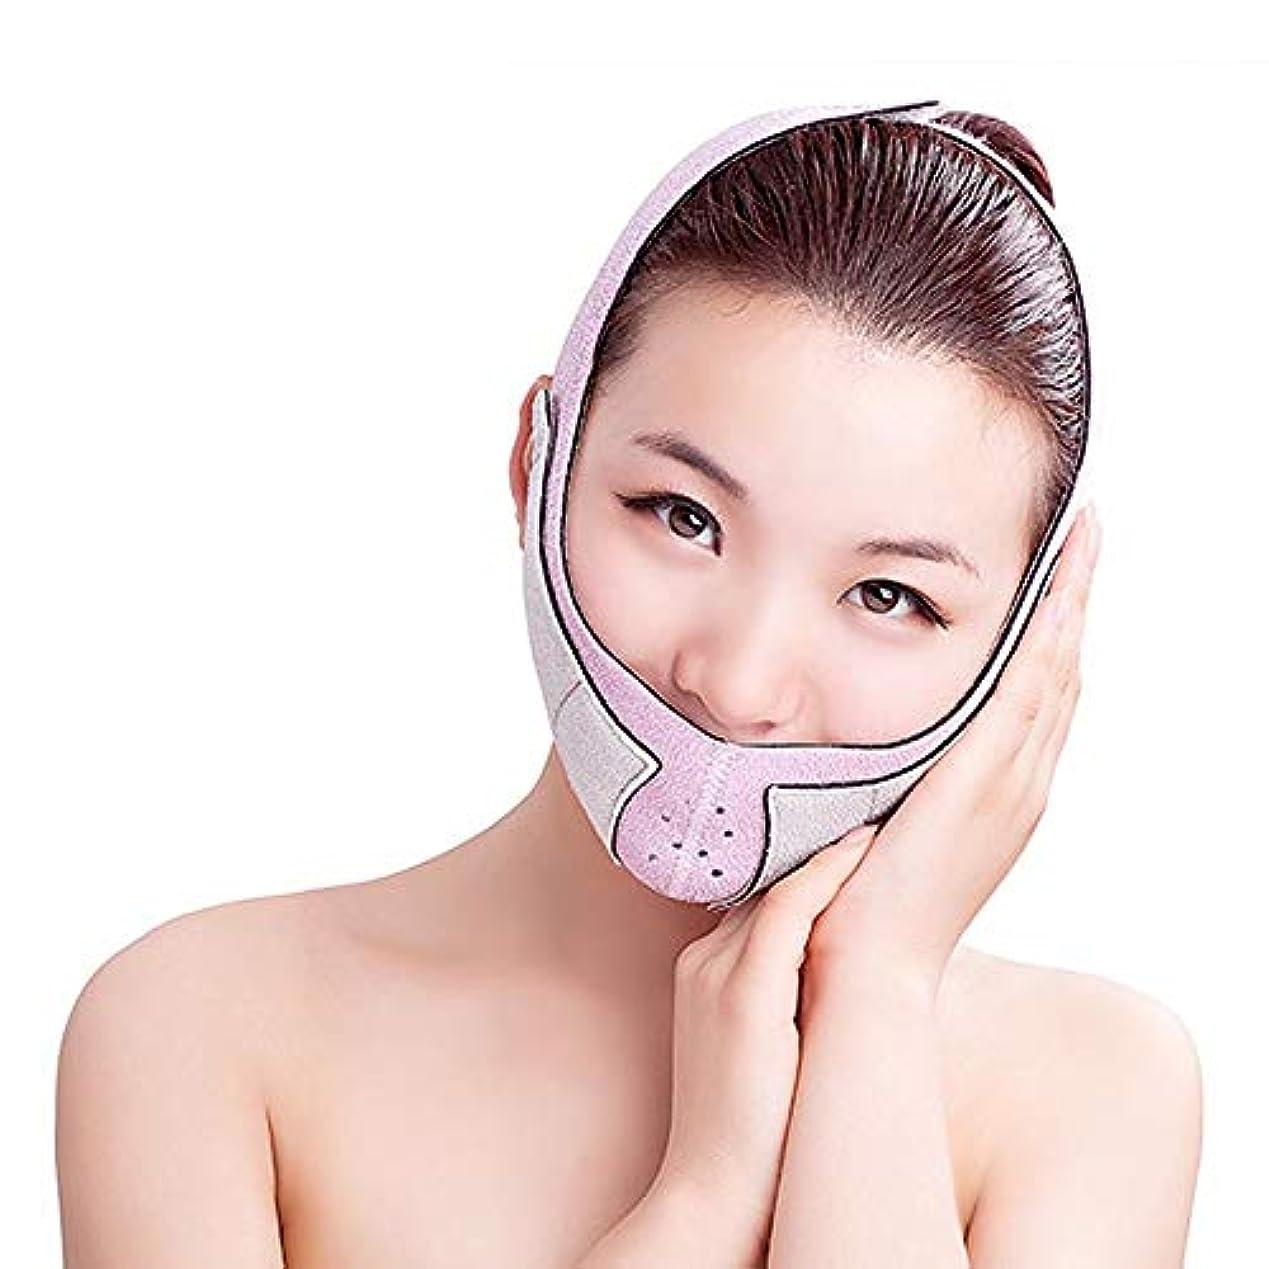 保守的モーター水差しフェイスリフトベルト 薄い顔のベルト - 薄い顔のベルト通気性の補正3D薄い顔のV顔のベルトの包帯薄い顔のアーティファクト (色 : B)